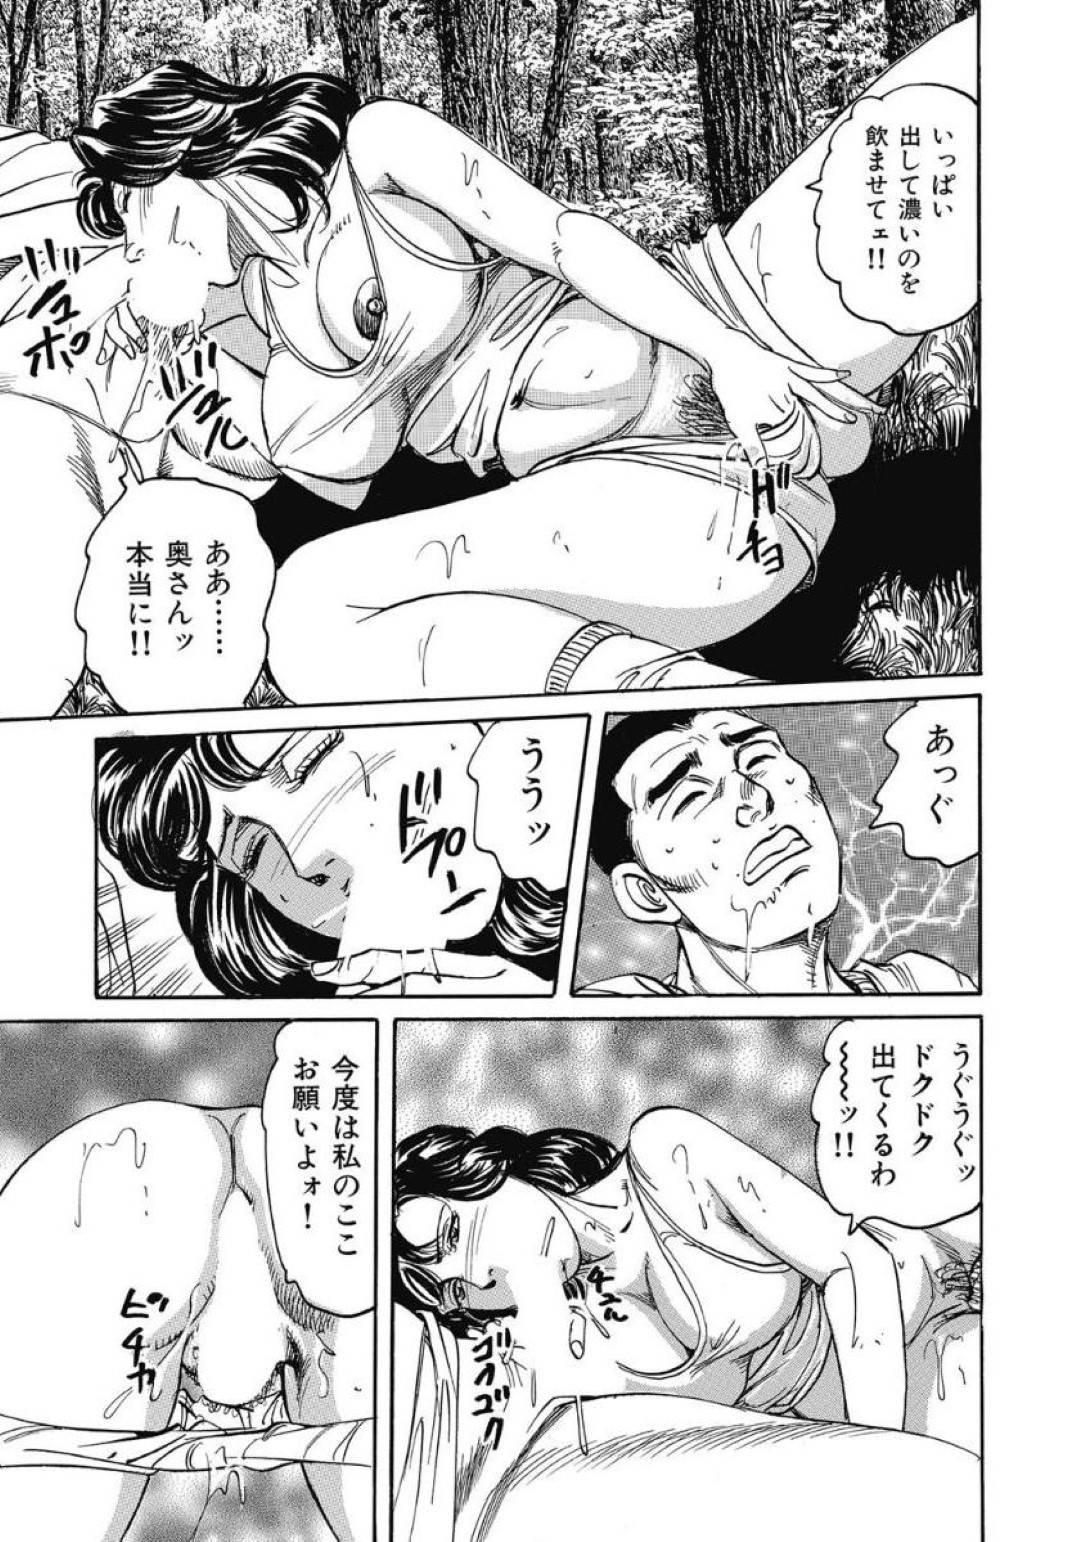 朝の体操のお兄さんを襲っちゃうど変態な人妻…逆レイプにフェラしたりクンニしたり騎乗位の中出しセックスでイチャラブしちゃう!【みずしま聖:どすけべ奥様】